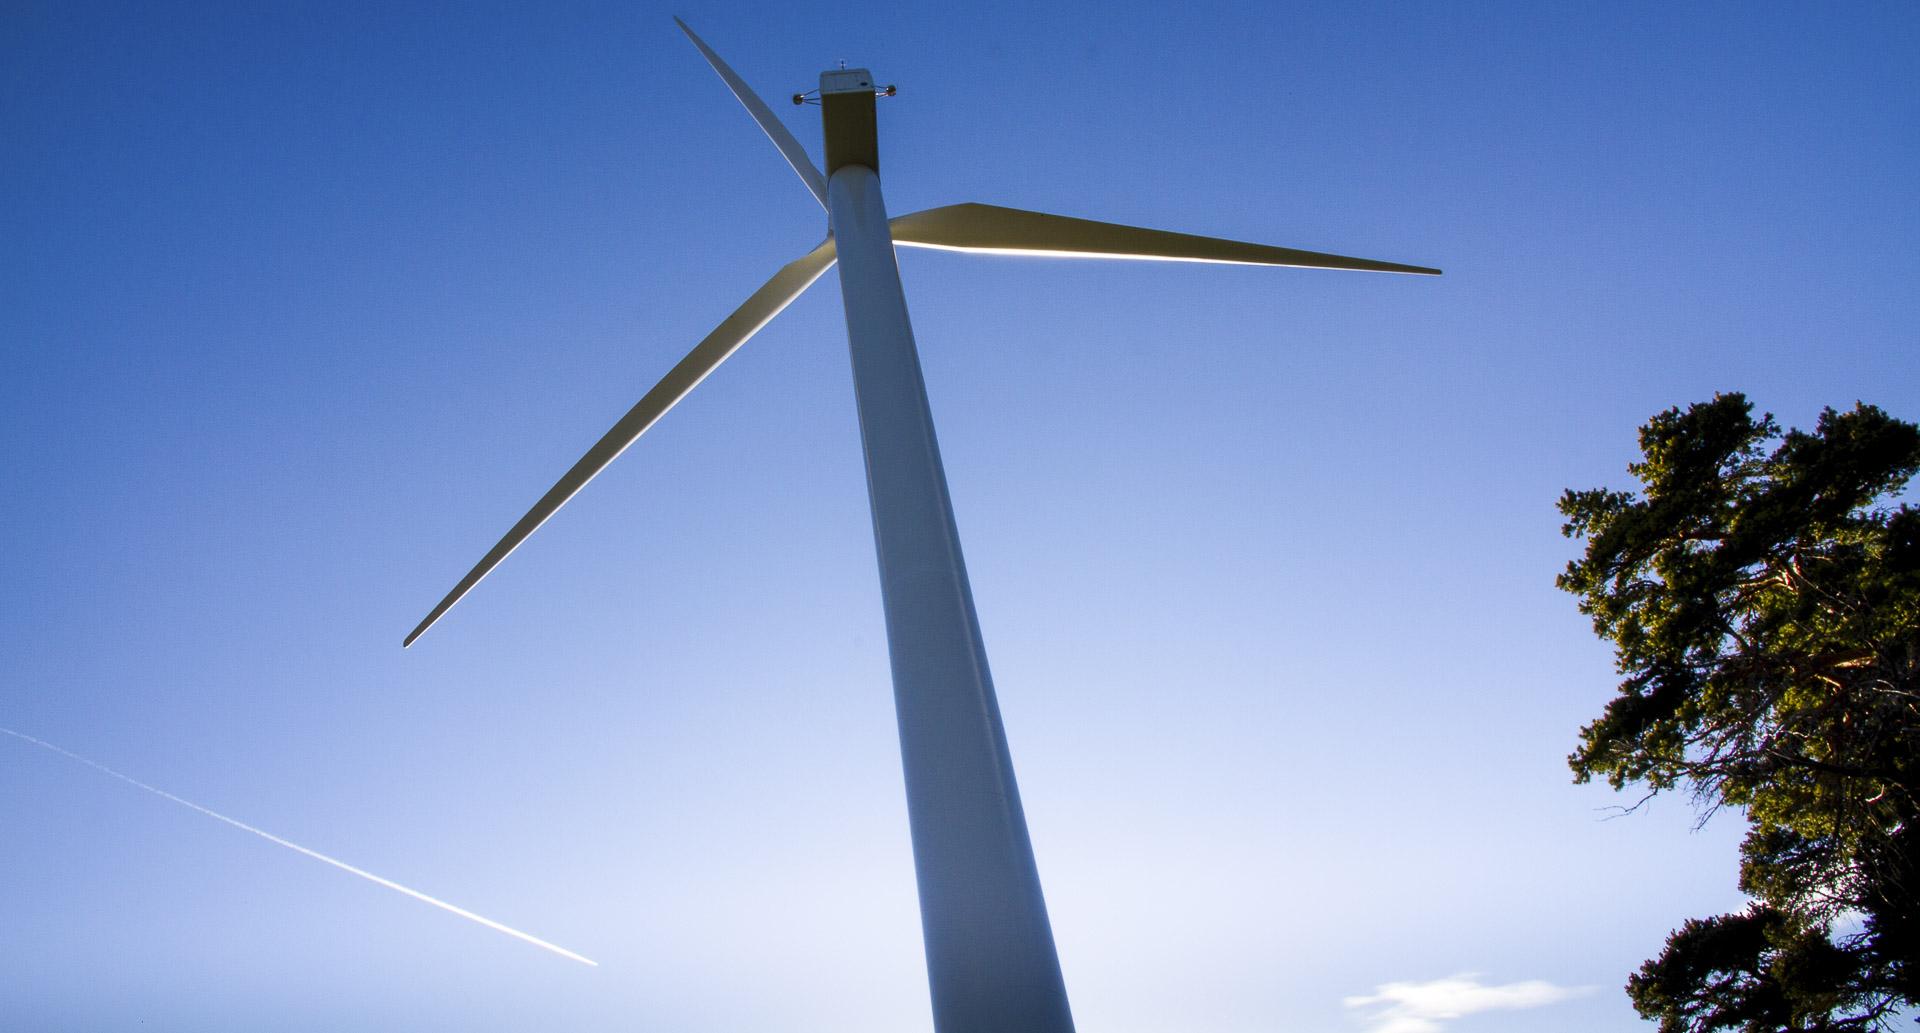 Impianto eolico Saint-Denis produzione energia verde CVA